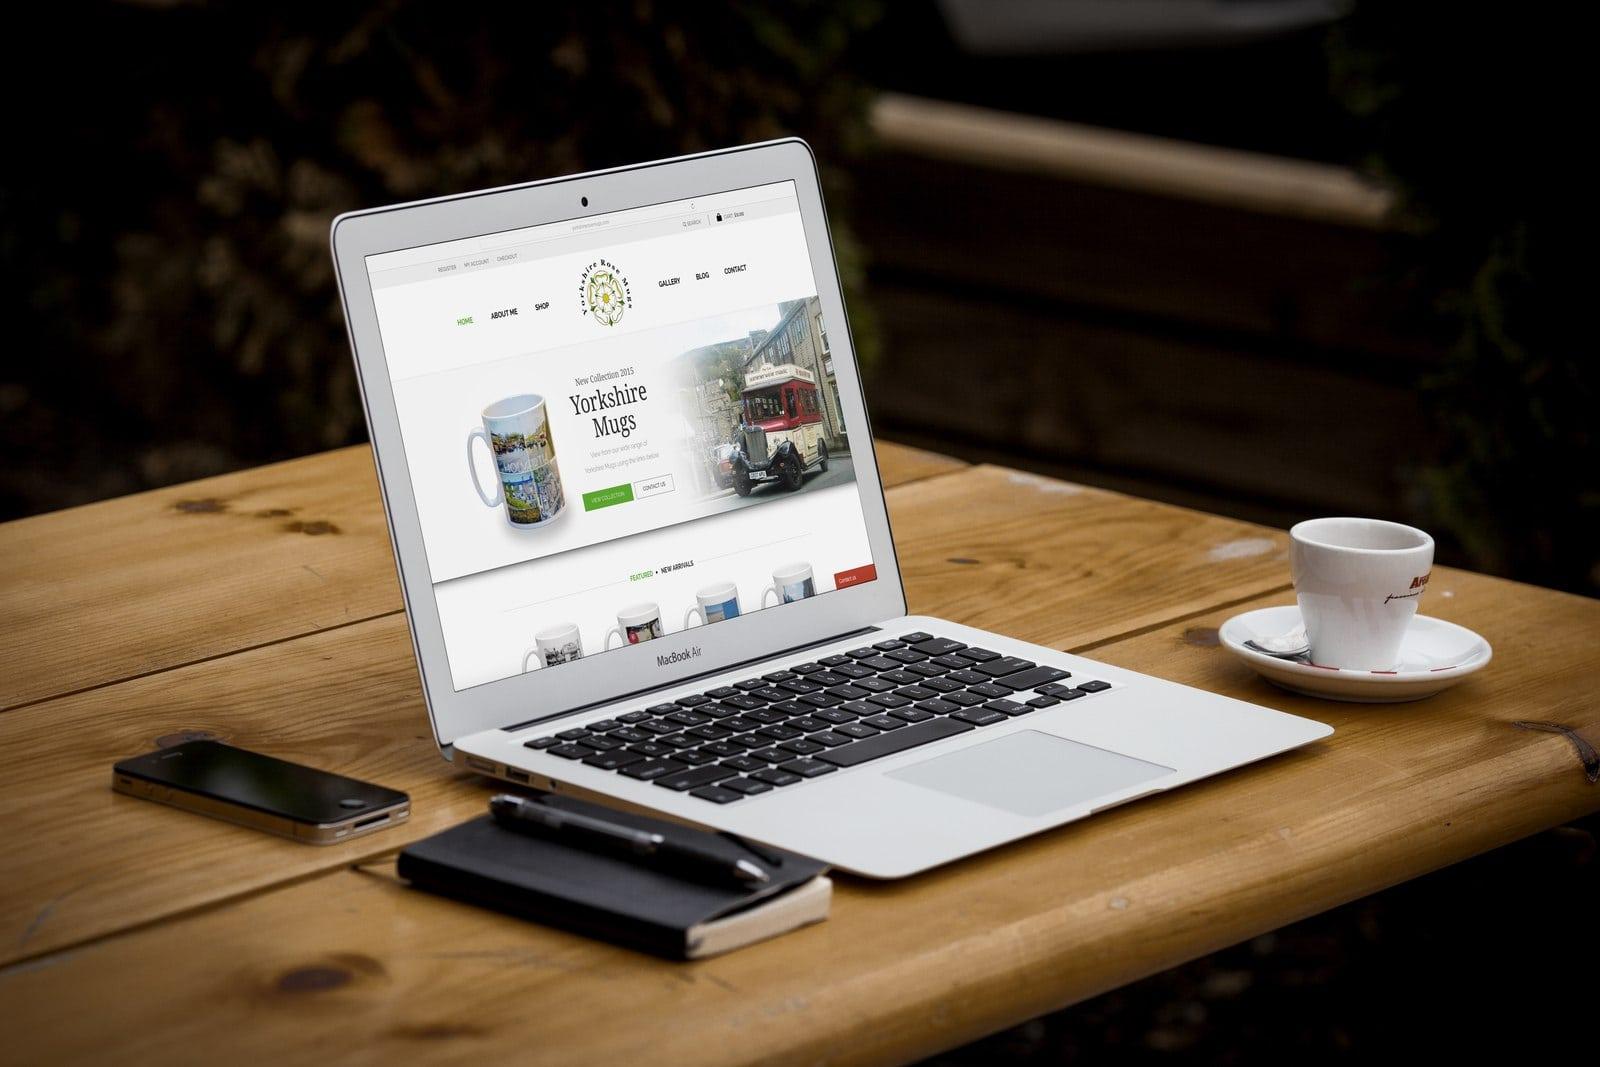 Website Design for Yorkshire Rose Mugs